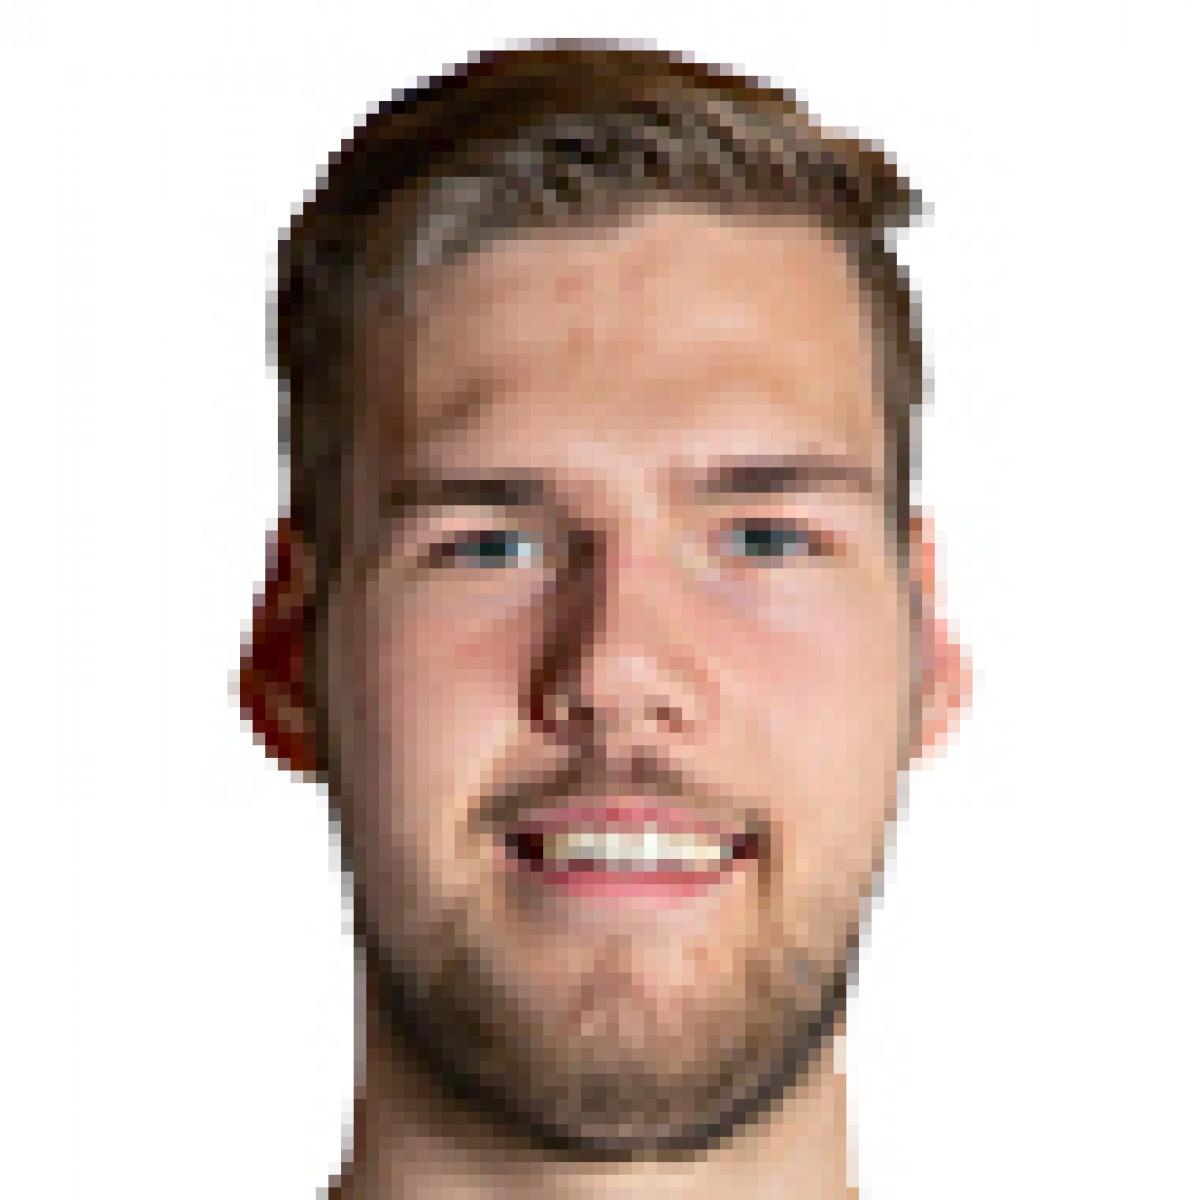 Daniel Koppel